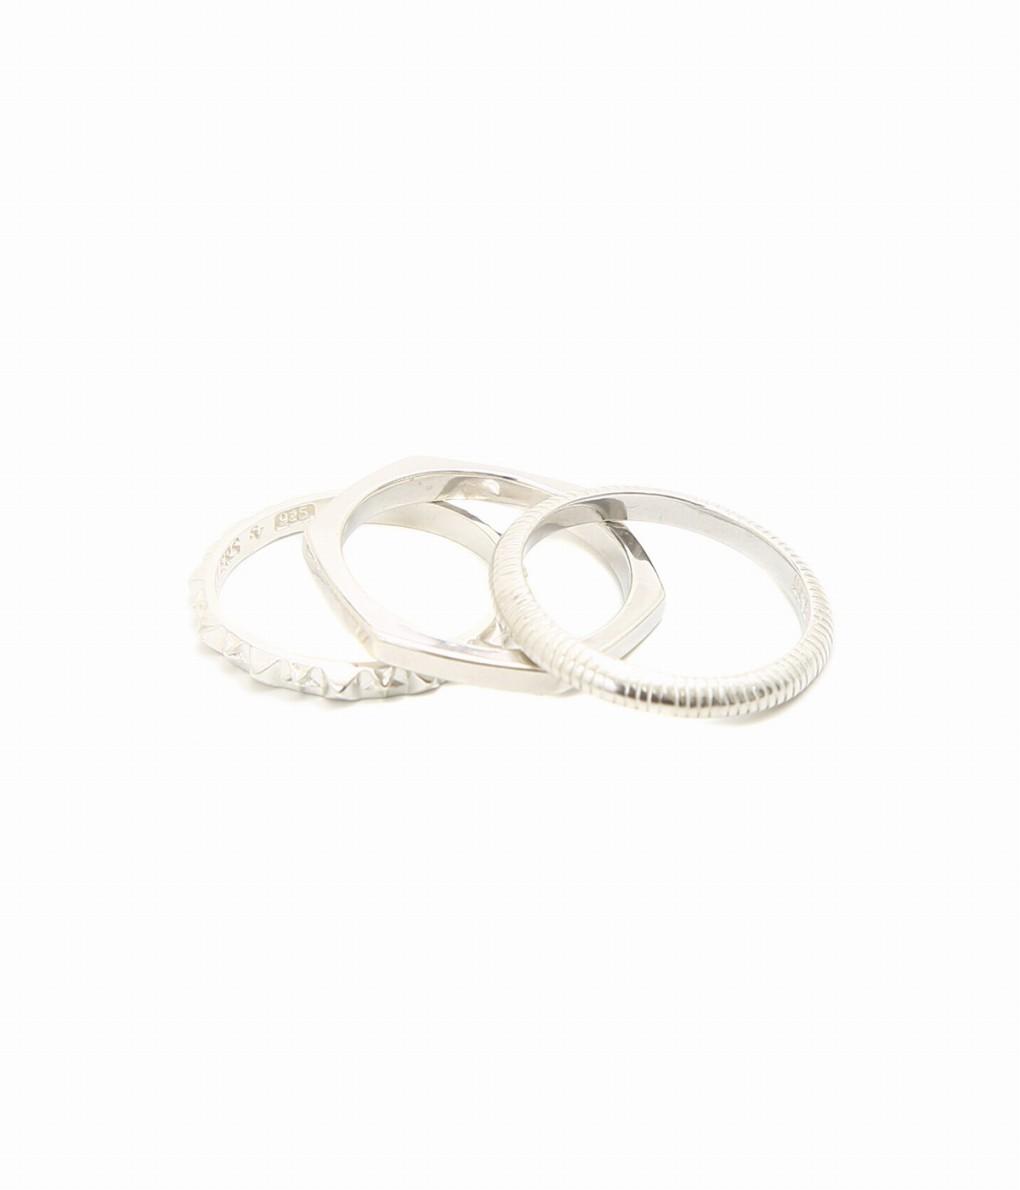 END / エンド : NOVEL JACOBIAN RING : ノーベル ヤコビアン リング 指輪 メンズ : ENDR086 【COR】